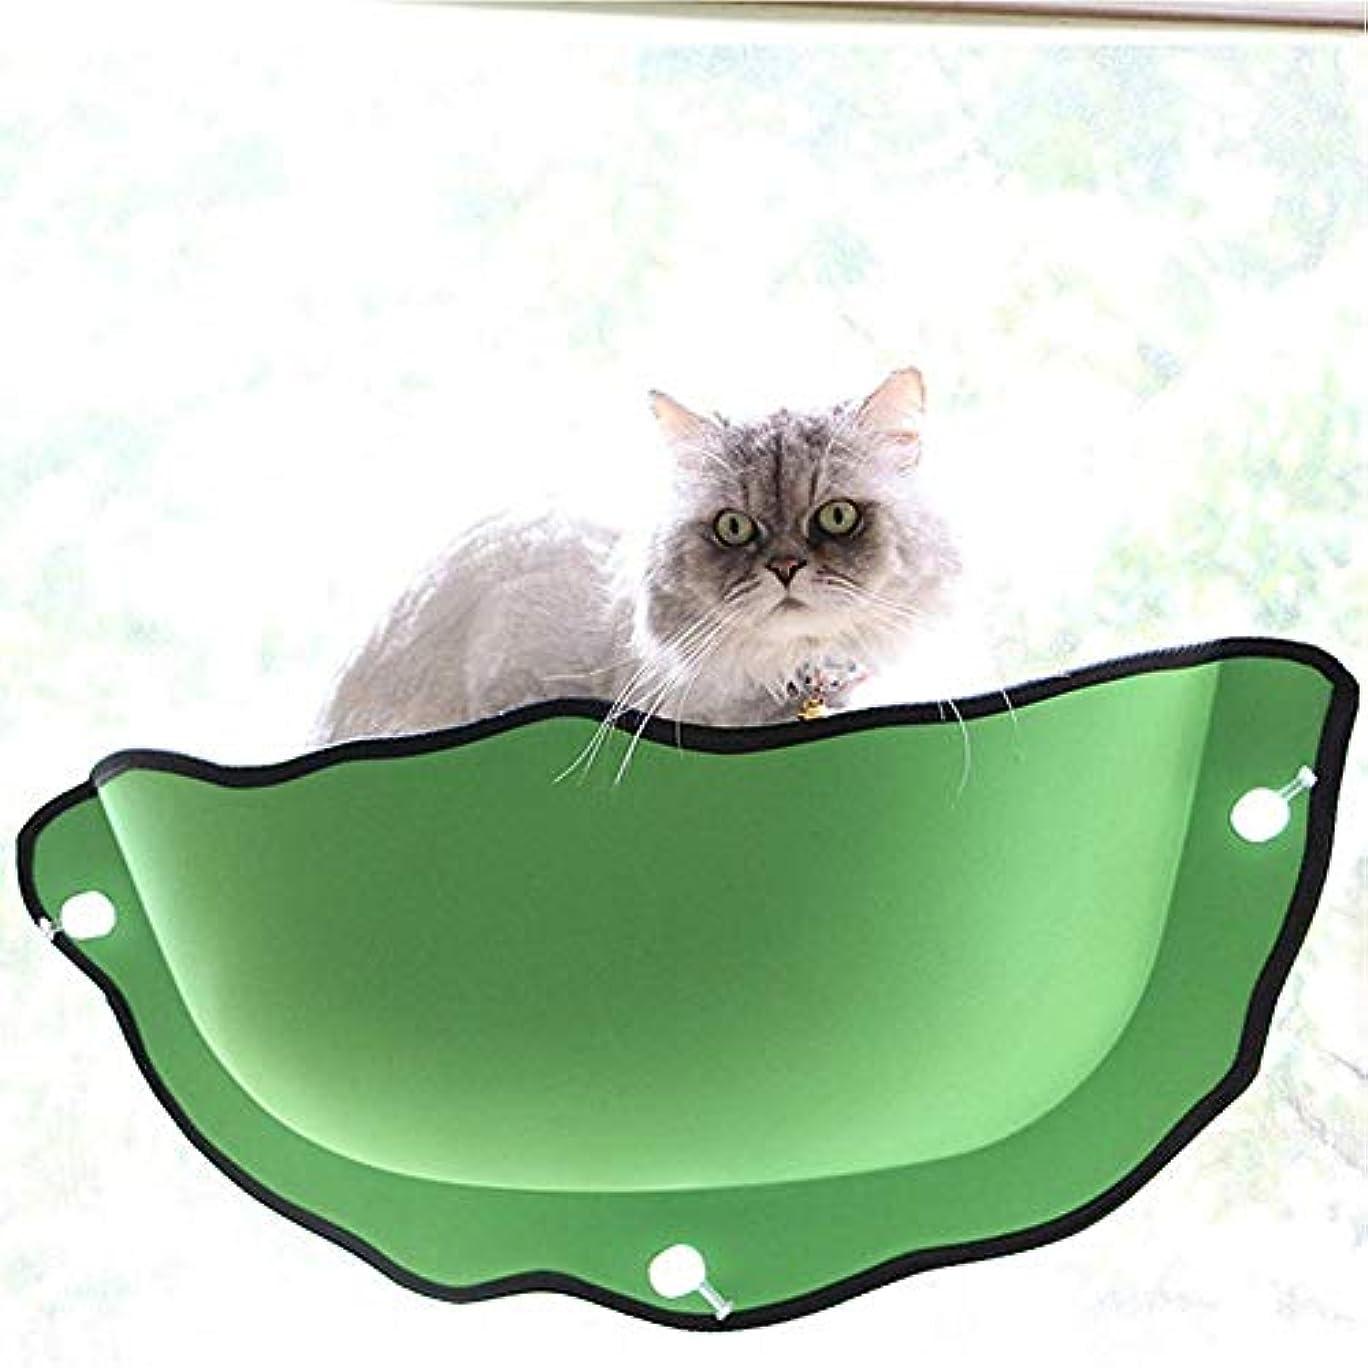 コーデリア資格耐えるぶら下がっている 吸い込み カップ ネコ ジャンプ プラットフォーム ハンモック 快適 スペース 保存中 ネコ 窓 とまり木 ハンモック ネコ ベッド ぶら下がっている ネコ 棚 晴れ シート ラウンジャー ソファー クッション,Green